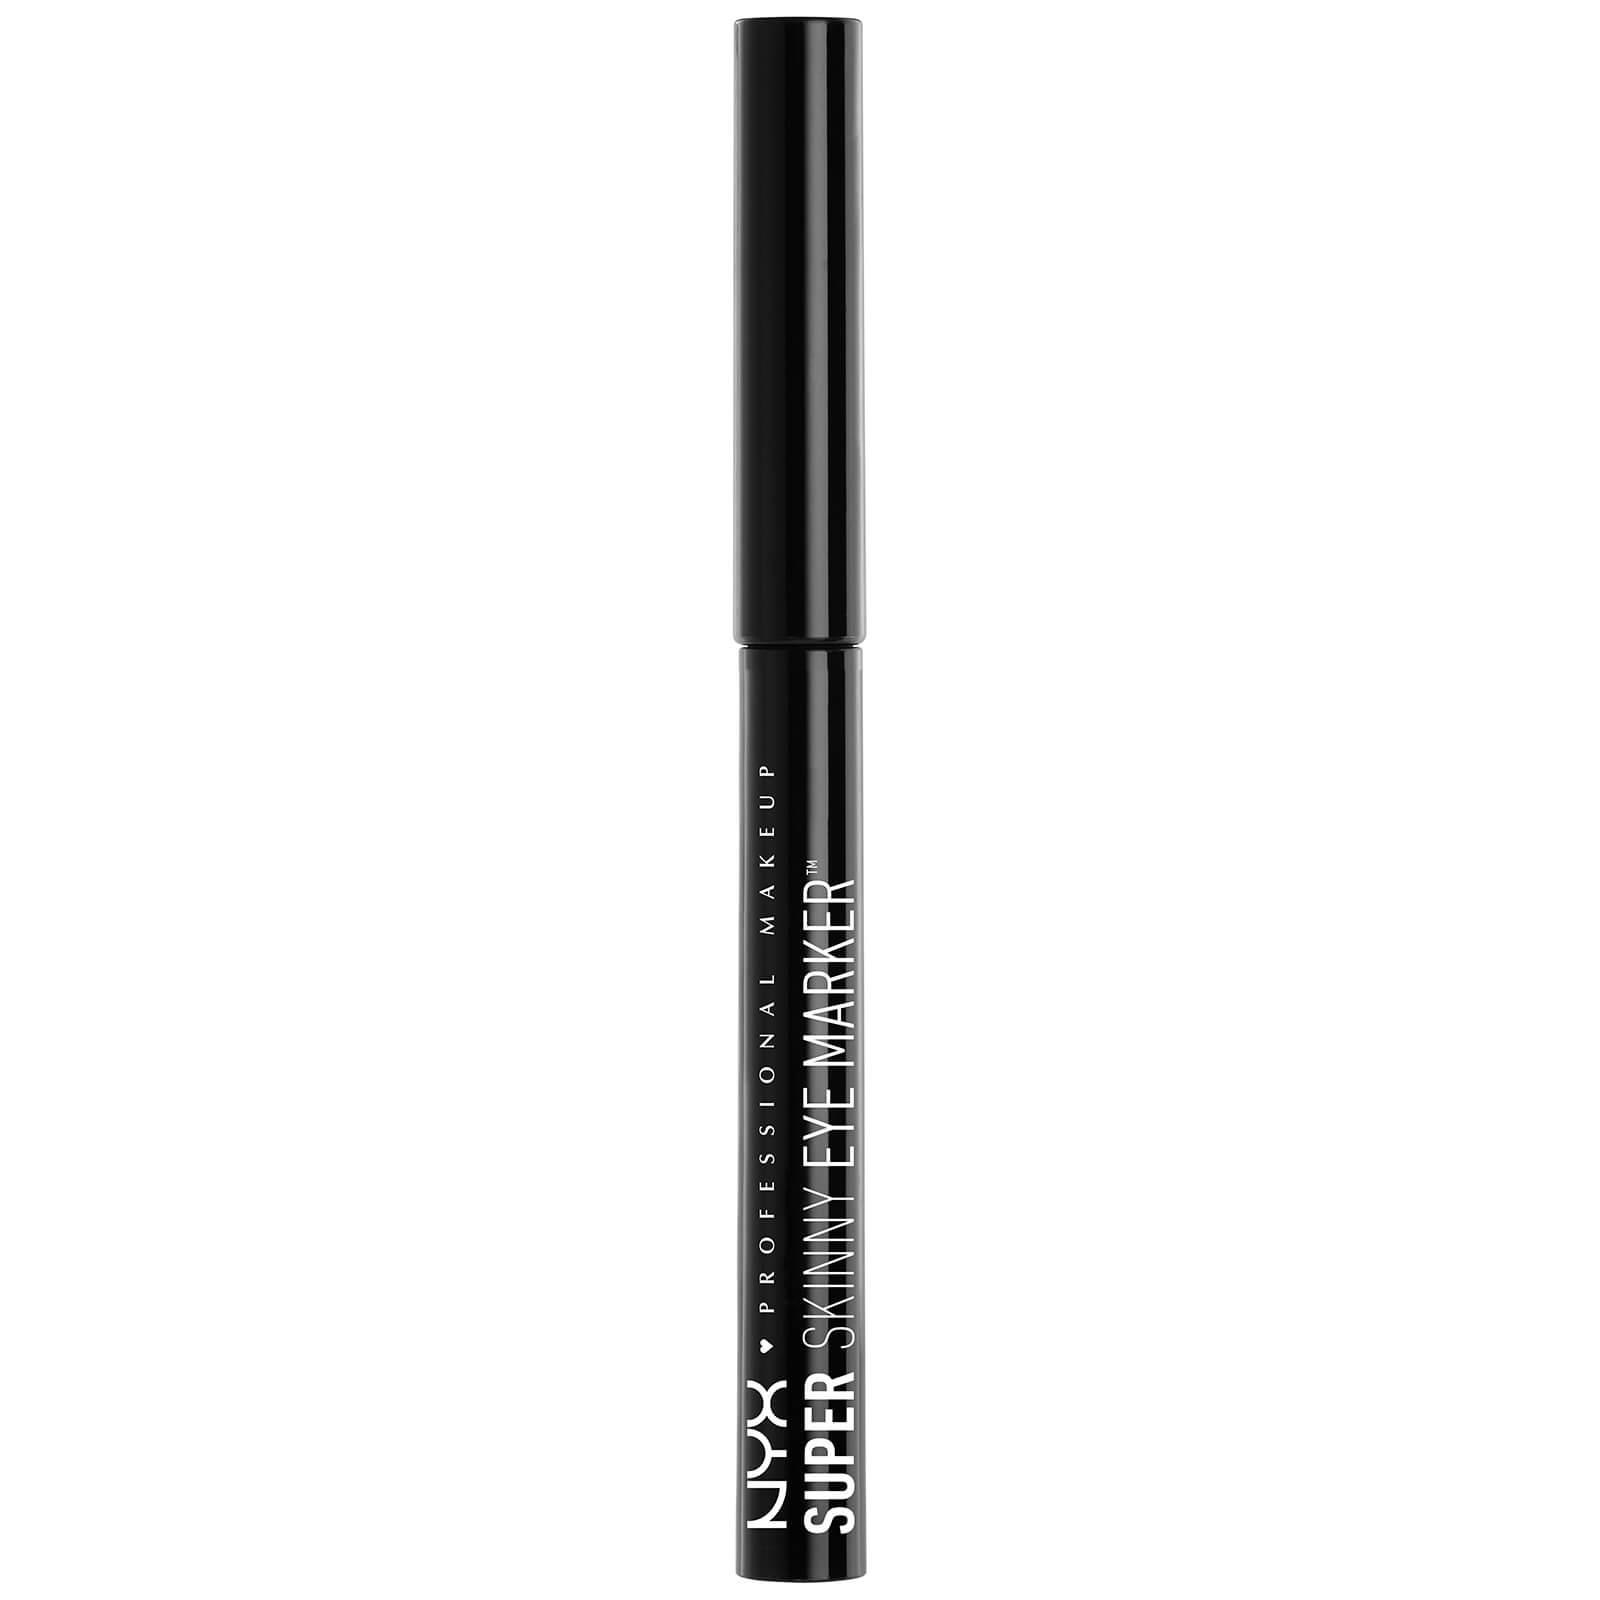 Тонкий маркер для глаз NYX Professional Makeup Super Fat Eye Marker - Carbon Black  - Купить